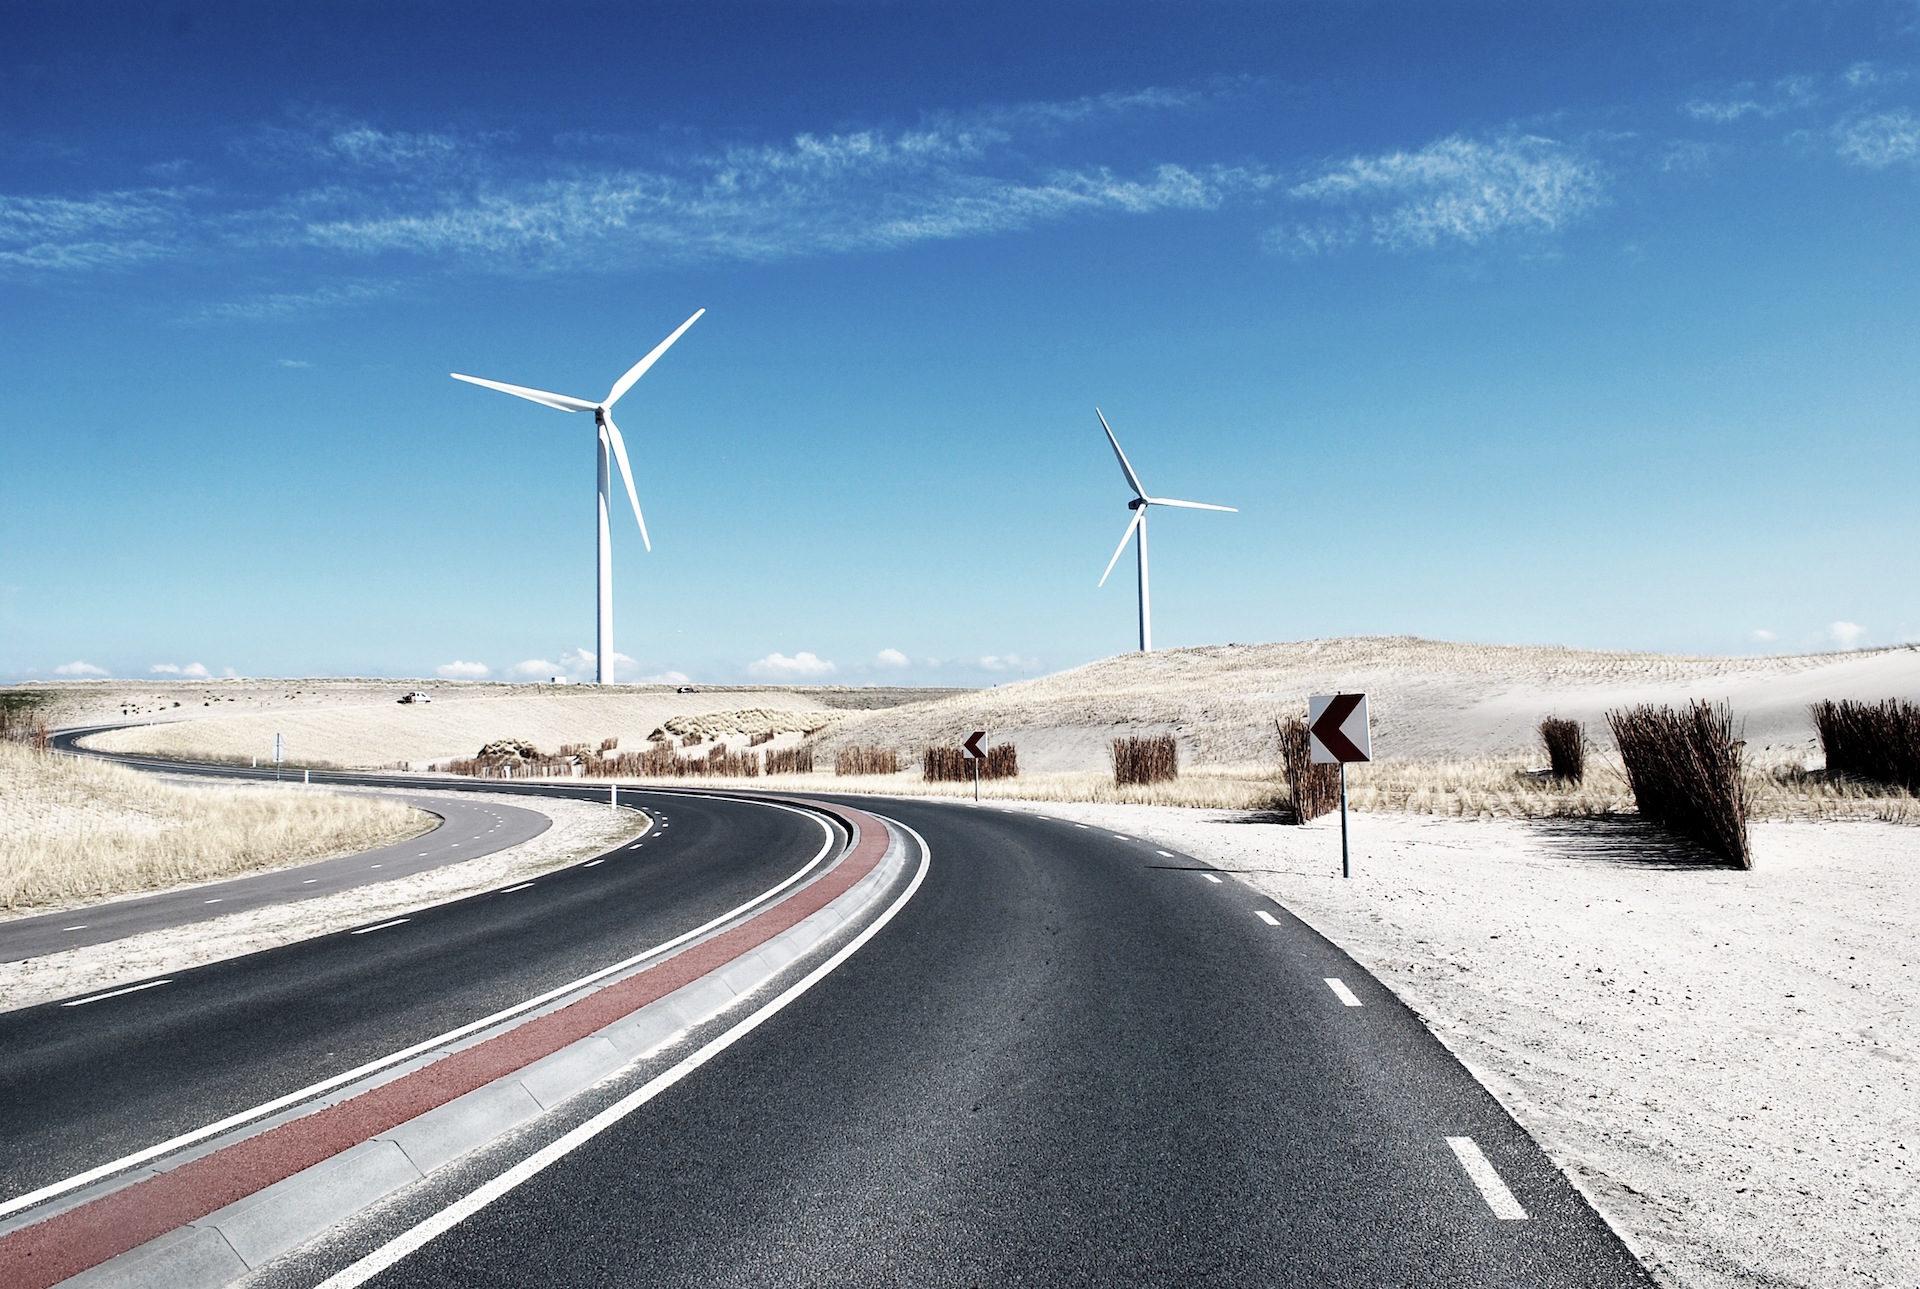 道路, 米尔斯, 风, 风电场, 天空 - 高清壁纸 - 教授-falken.com